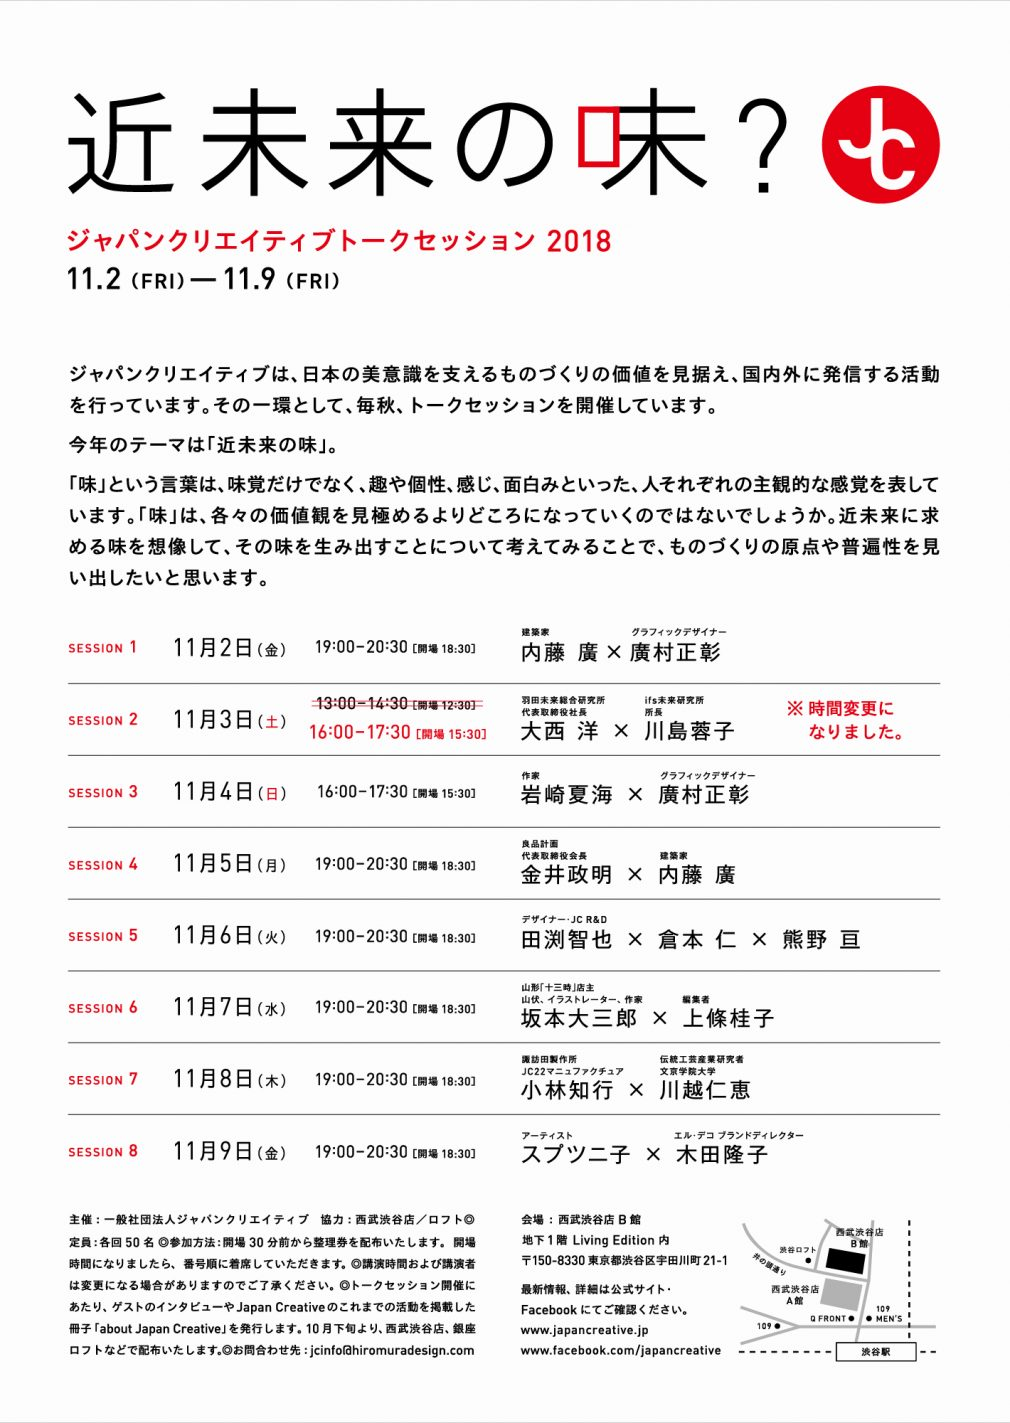 「ジャパンクリエイティブ」トークセッション 2018